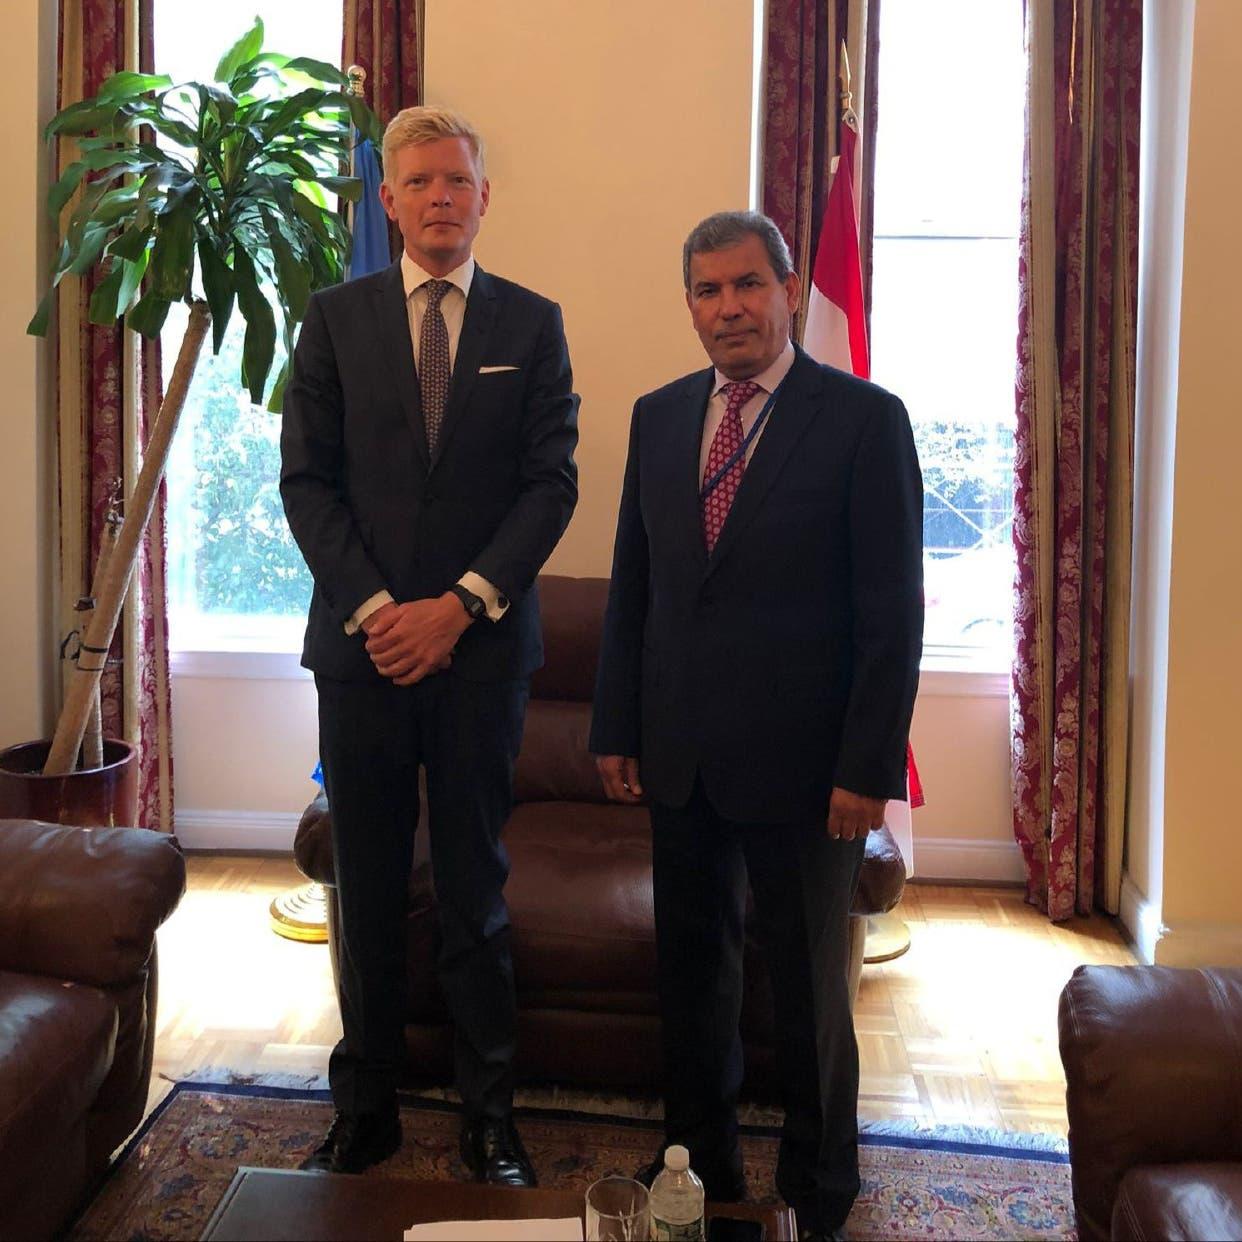 غروندبرغ يتعهد بالشفافية للدفع بالعملية السياسية في اليمن